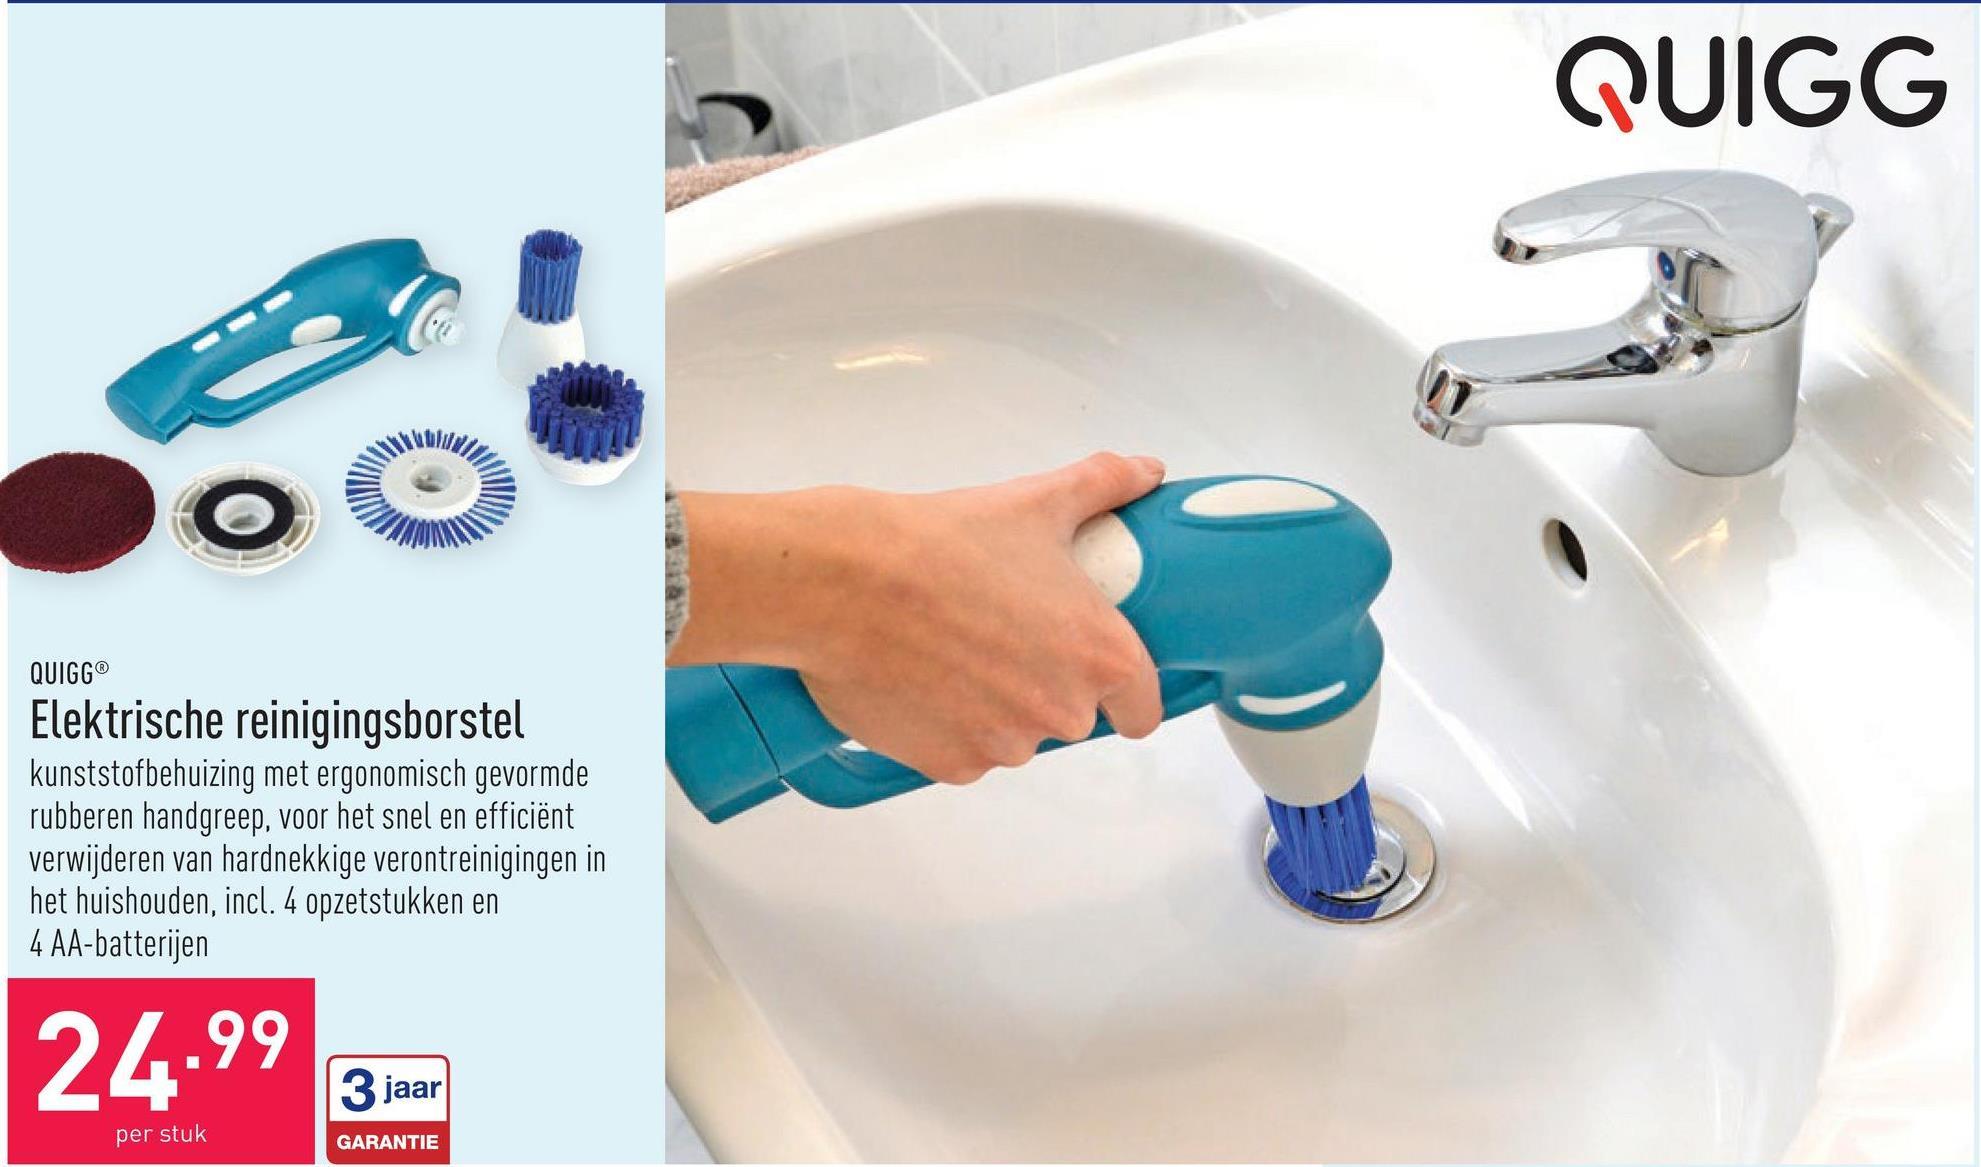 Elektrische reinigingsborstel kunststofbehuizing met ergonomisch gevormde rubberen handgreep, voor het snel en efficiënt verwijderen van hardnekkige verontreinigingen in het huishouden, incl. 4 opzetstukken en 4 AA-batterijen